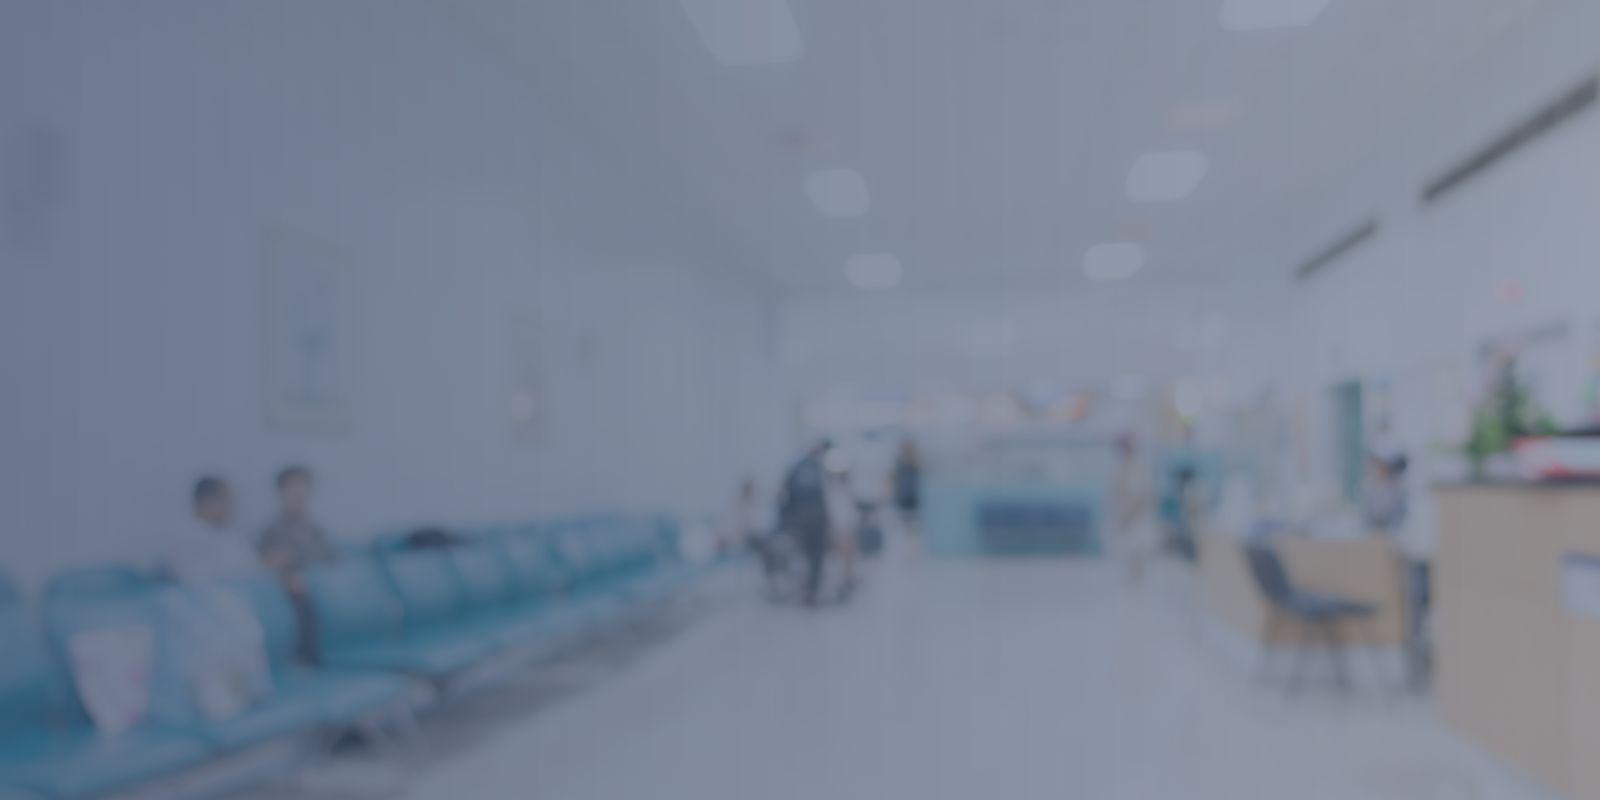 Clinica Biomedic, centro medico Malaga fondo